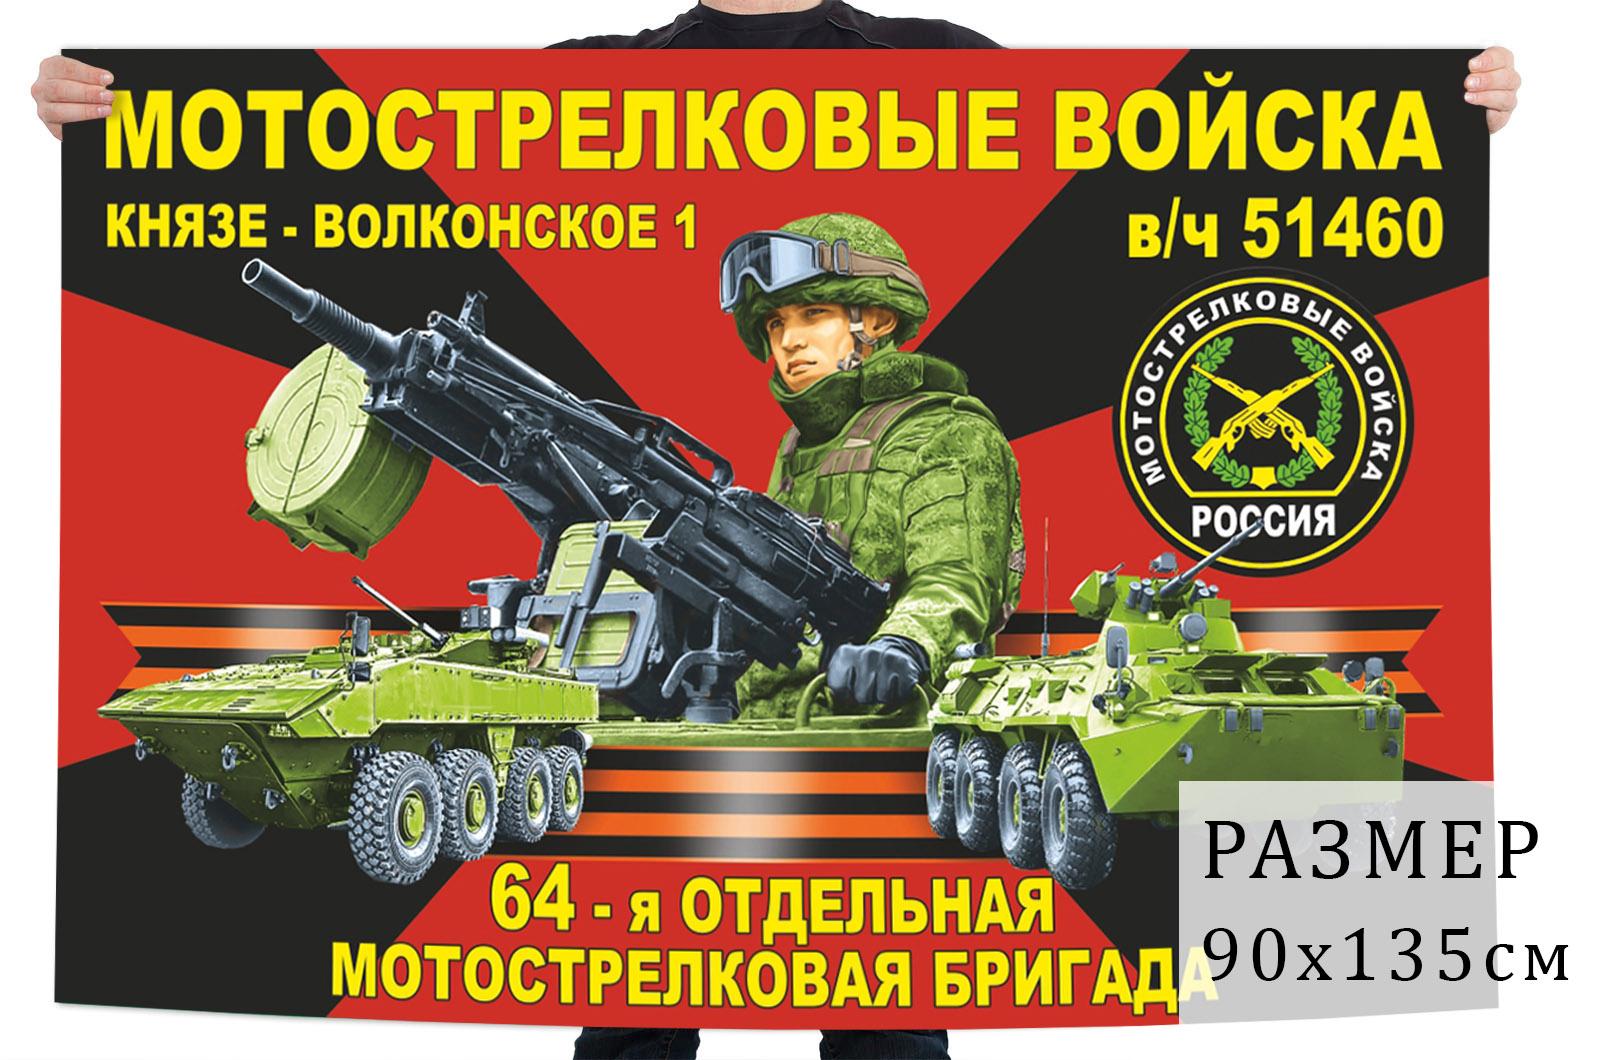 Флаг 64 отдельной мотострелковой бригады РФ